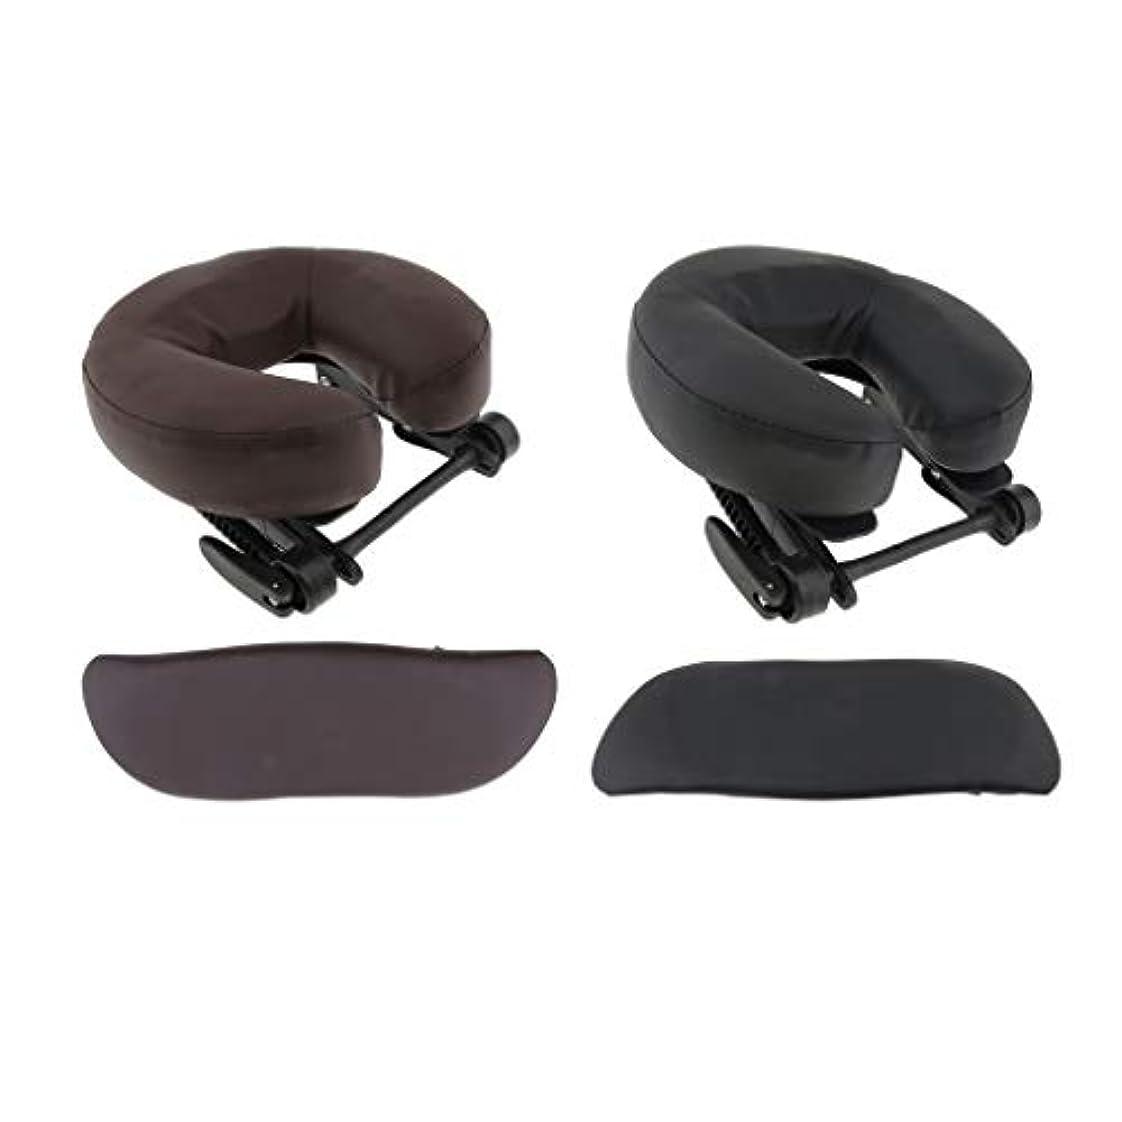 他の場所そのテスピアンchiwanji 顔枕 マッサージ用 フェイスピロー U字型 アームサポート マッサージテーブル用 全2種選択 - ブラウン+ブラック